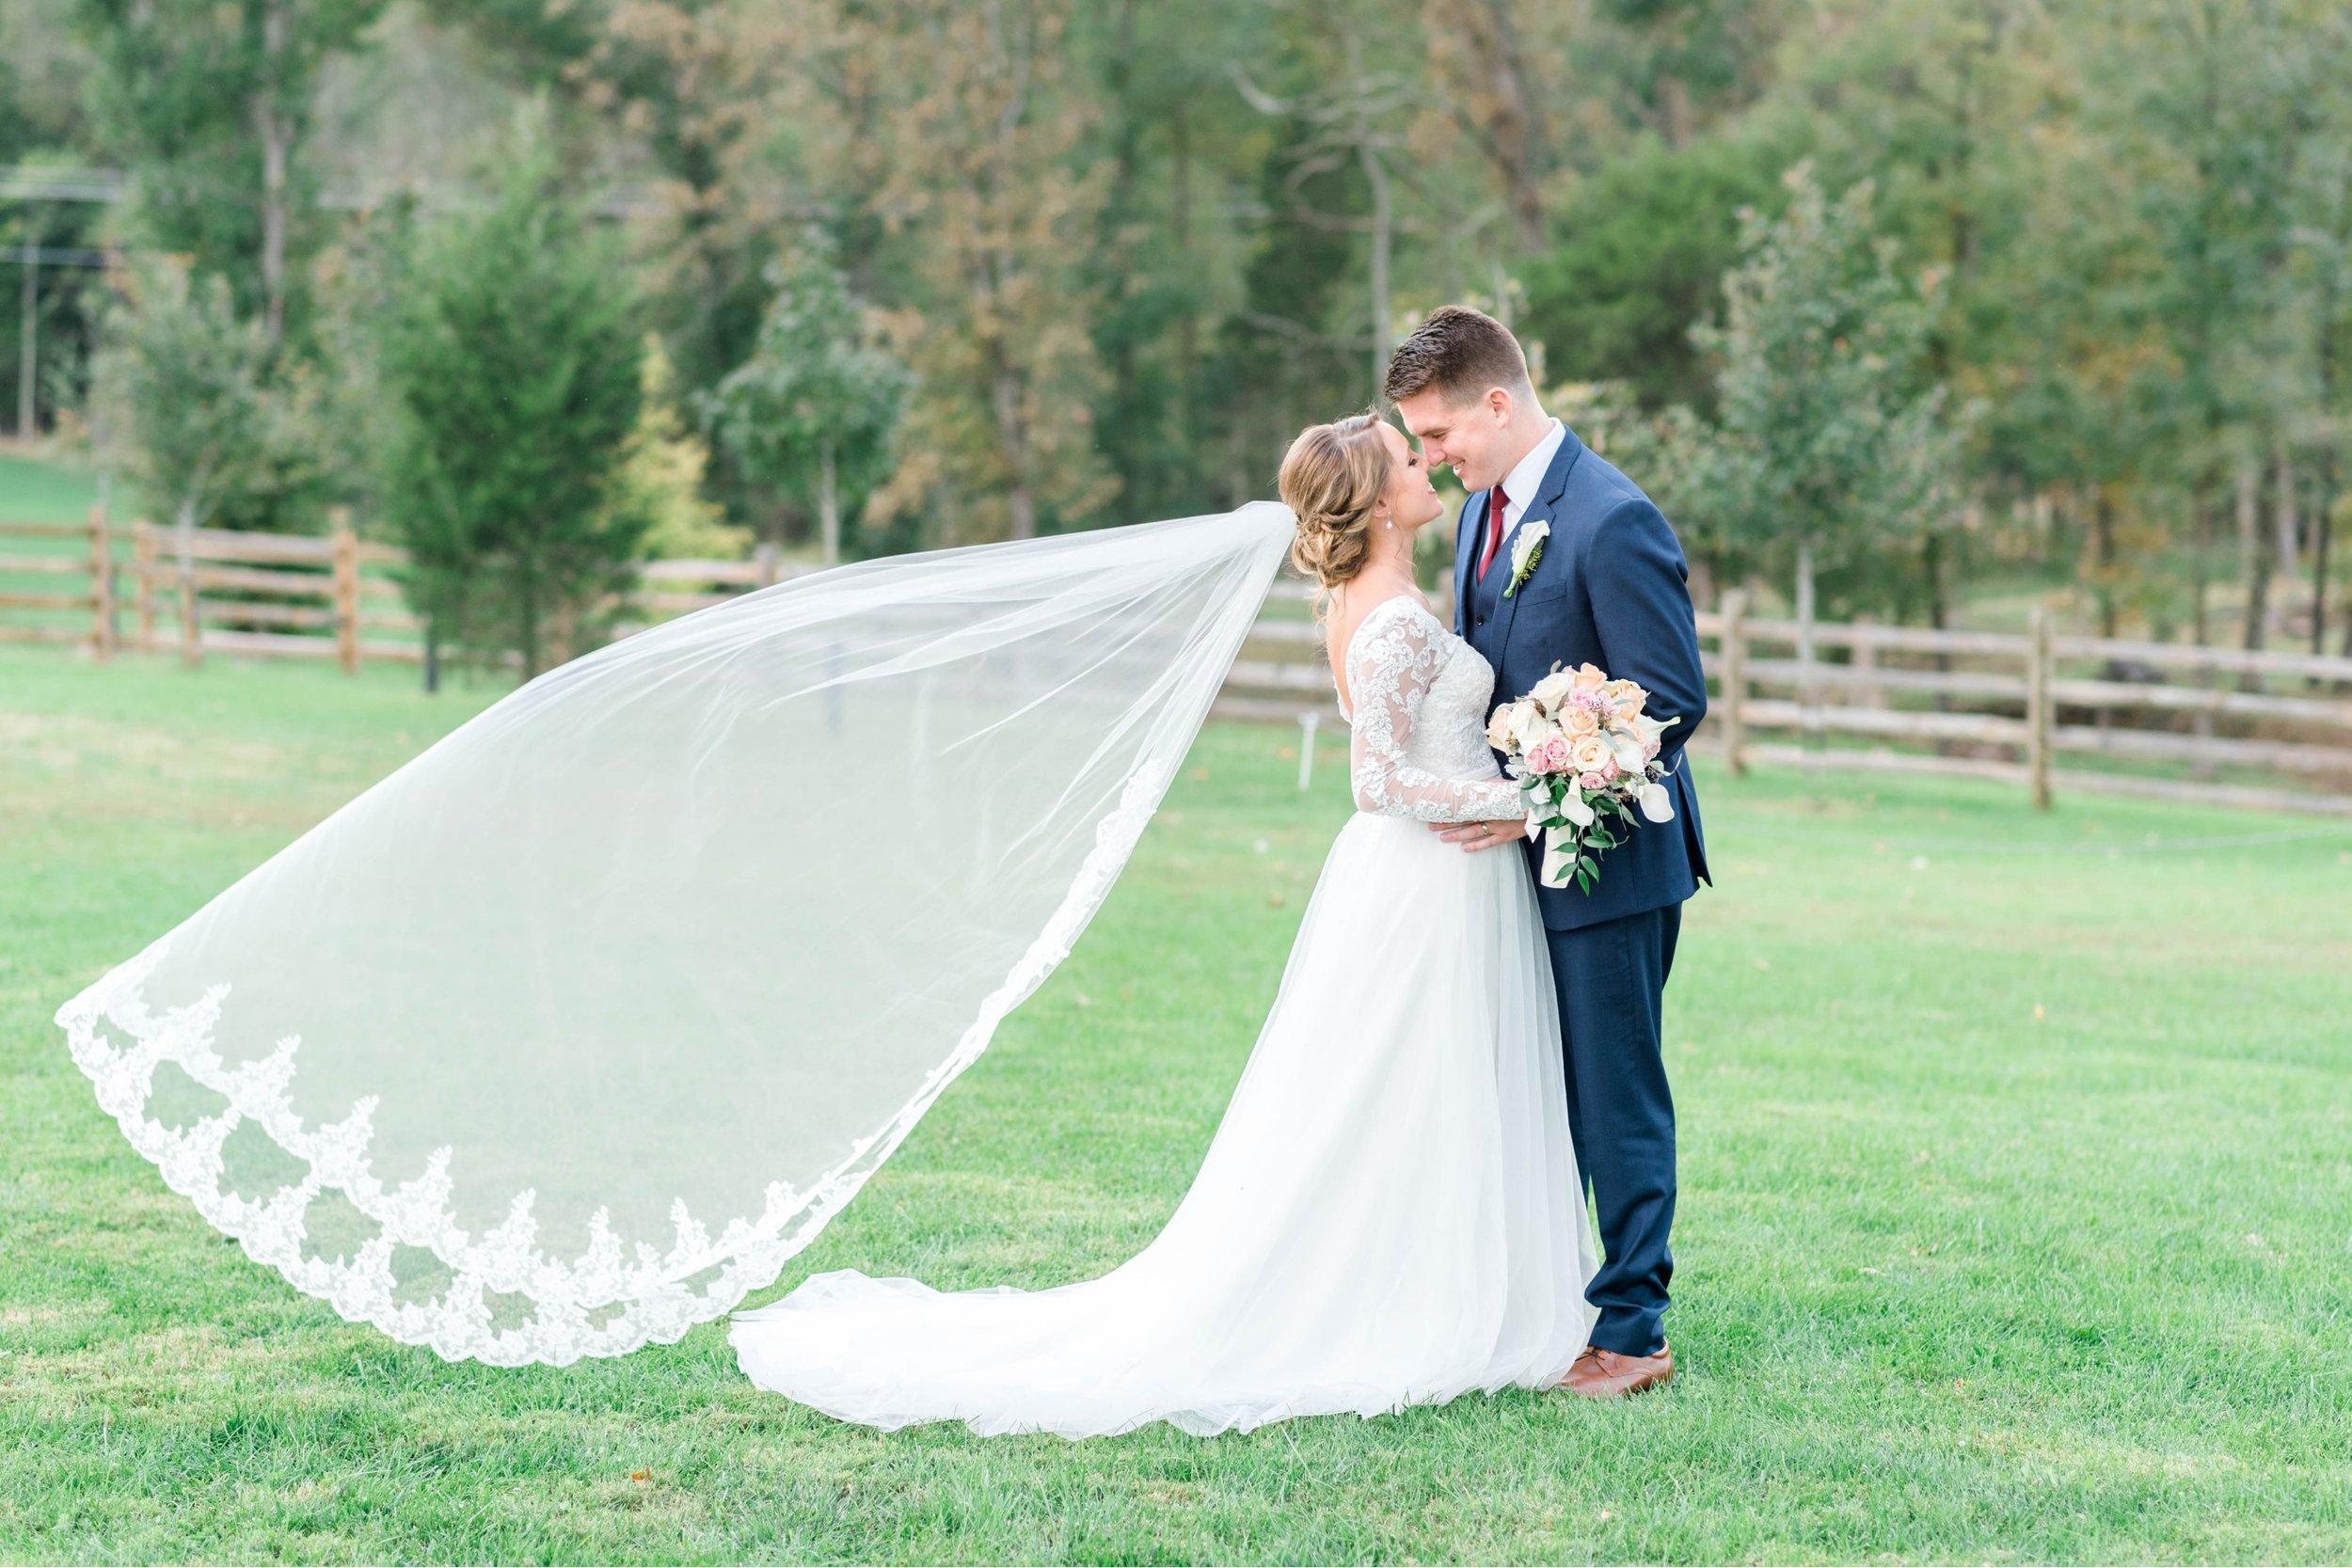 GrantElizabeth_wineryatbullrun_DCwedding_Virginiaweddingphotographer 12.jpg